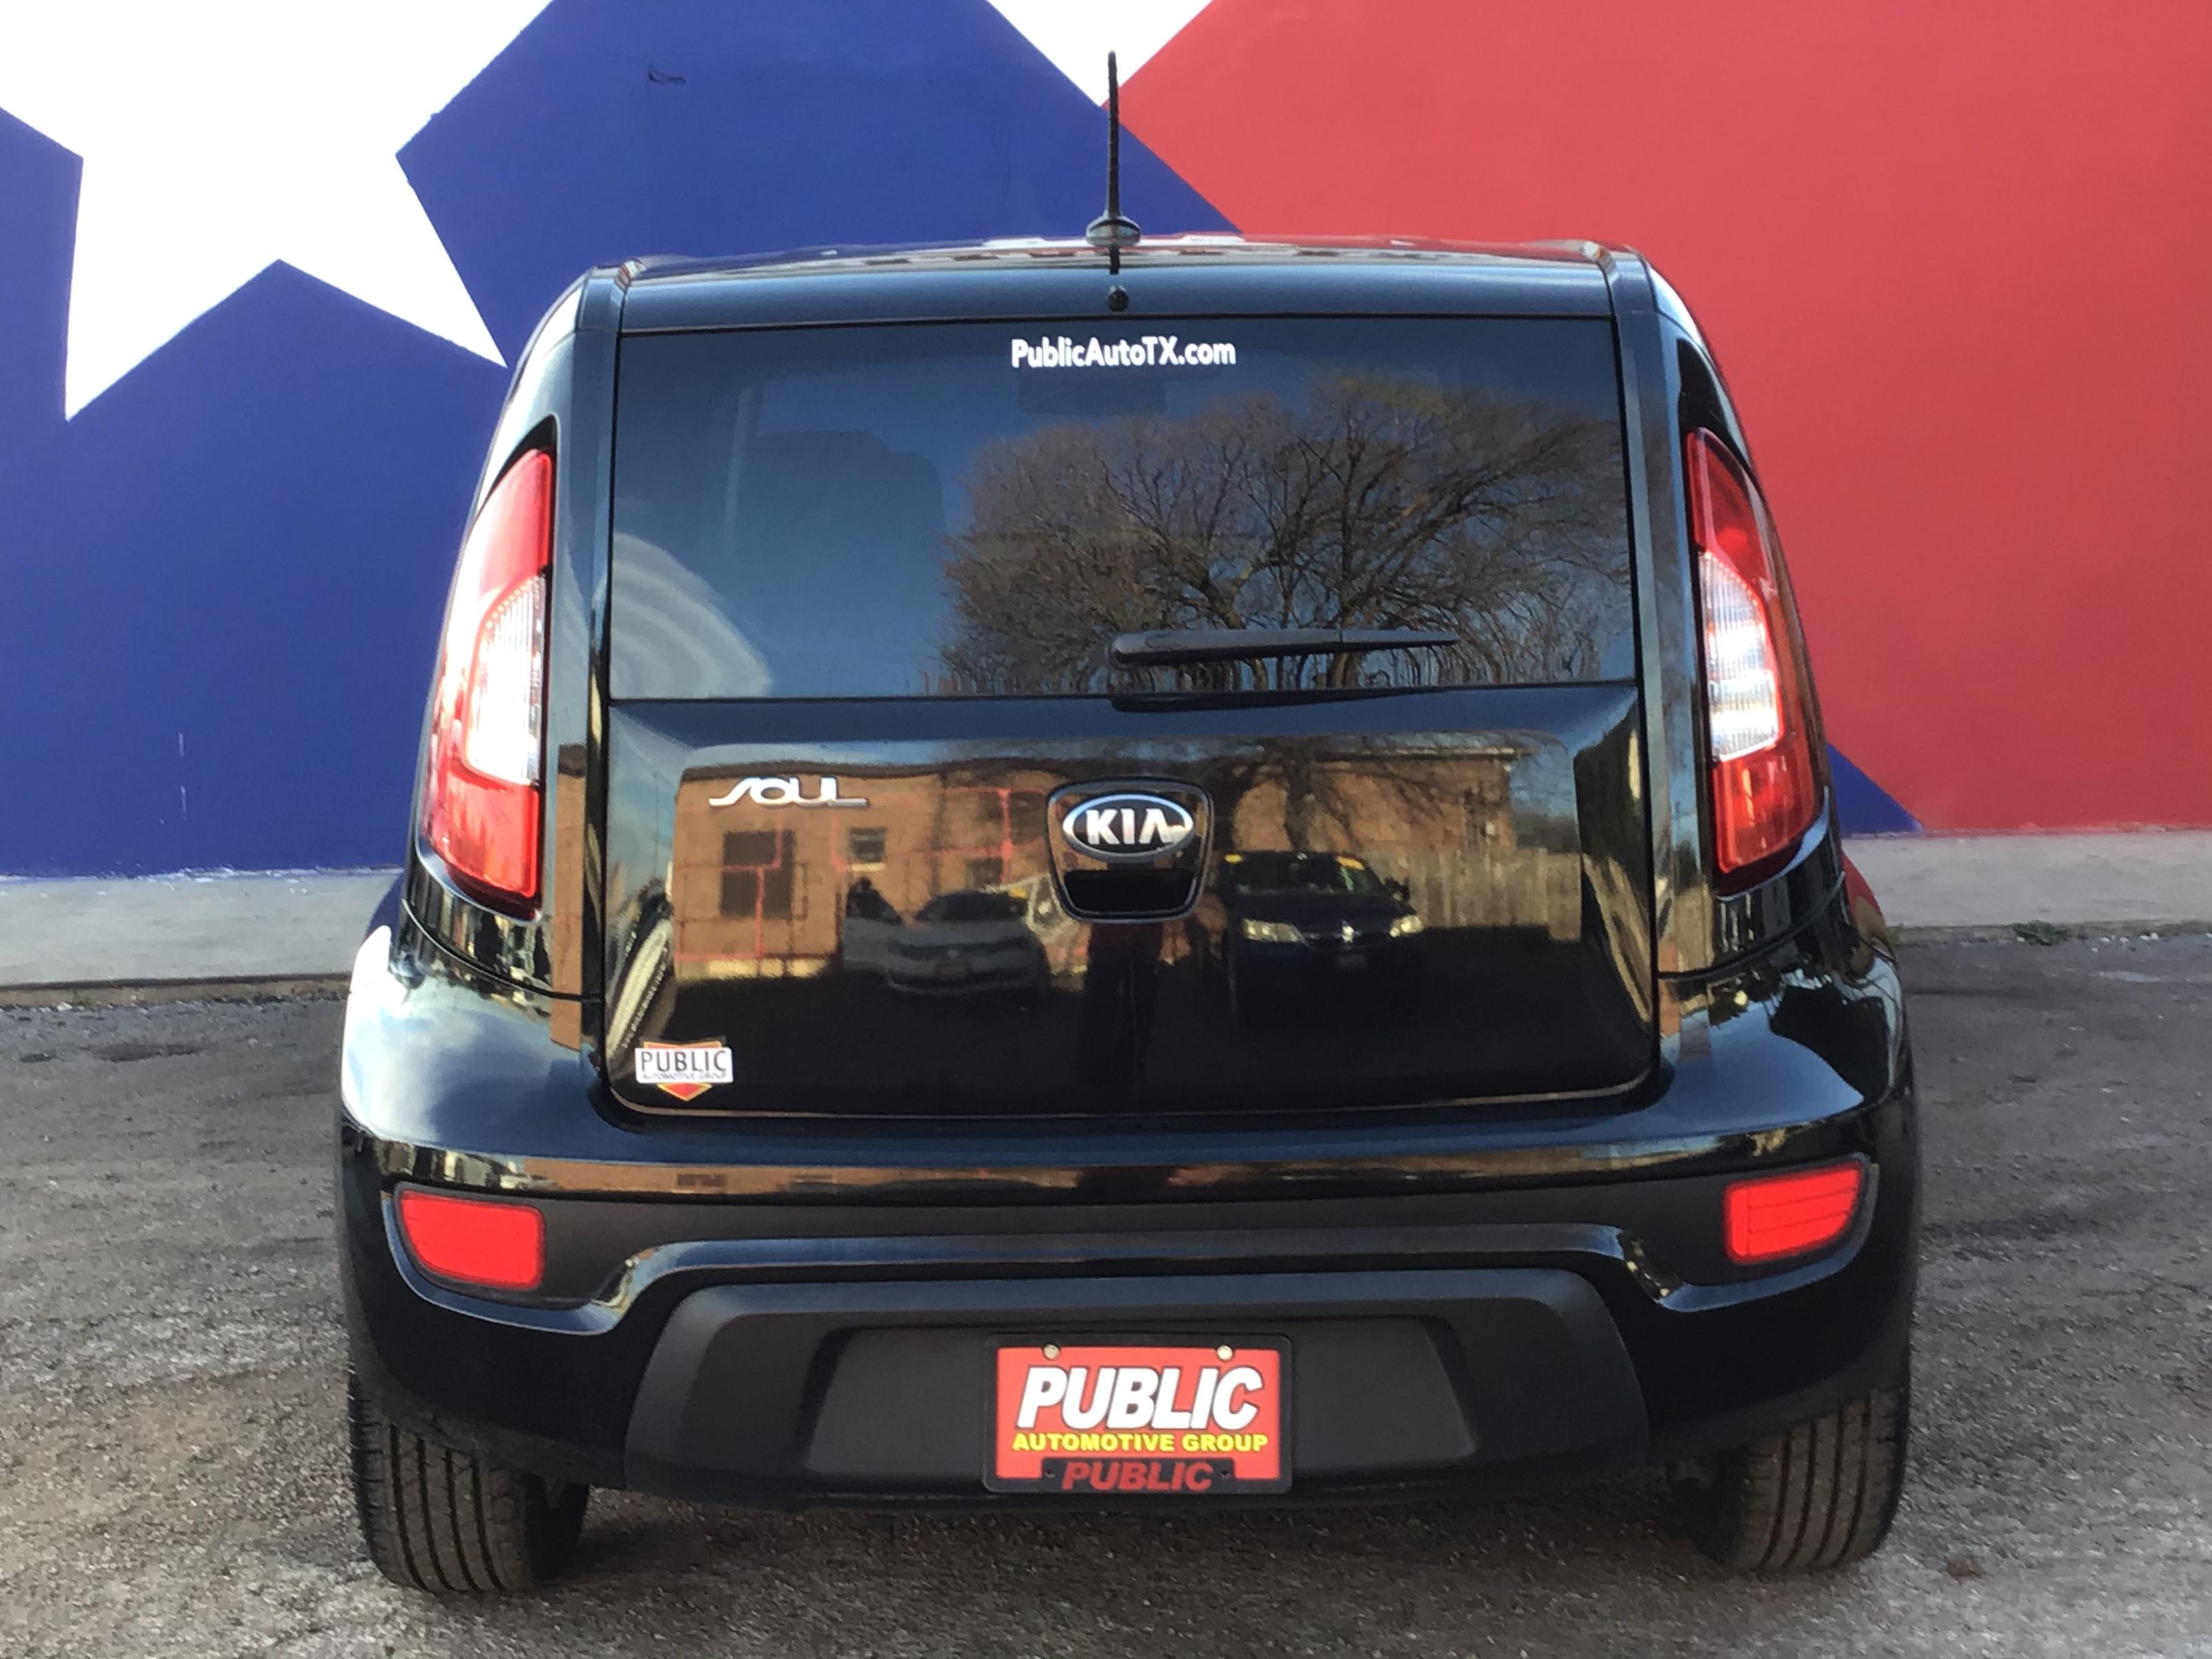 used vehicle - Sedan KIA SOUL 2013